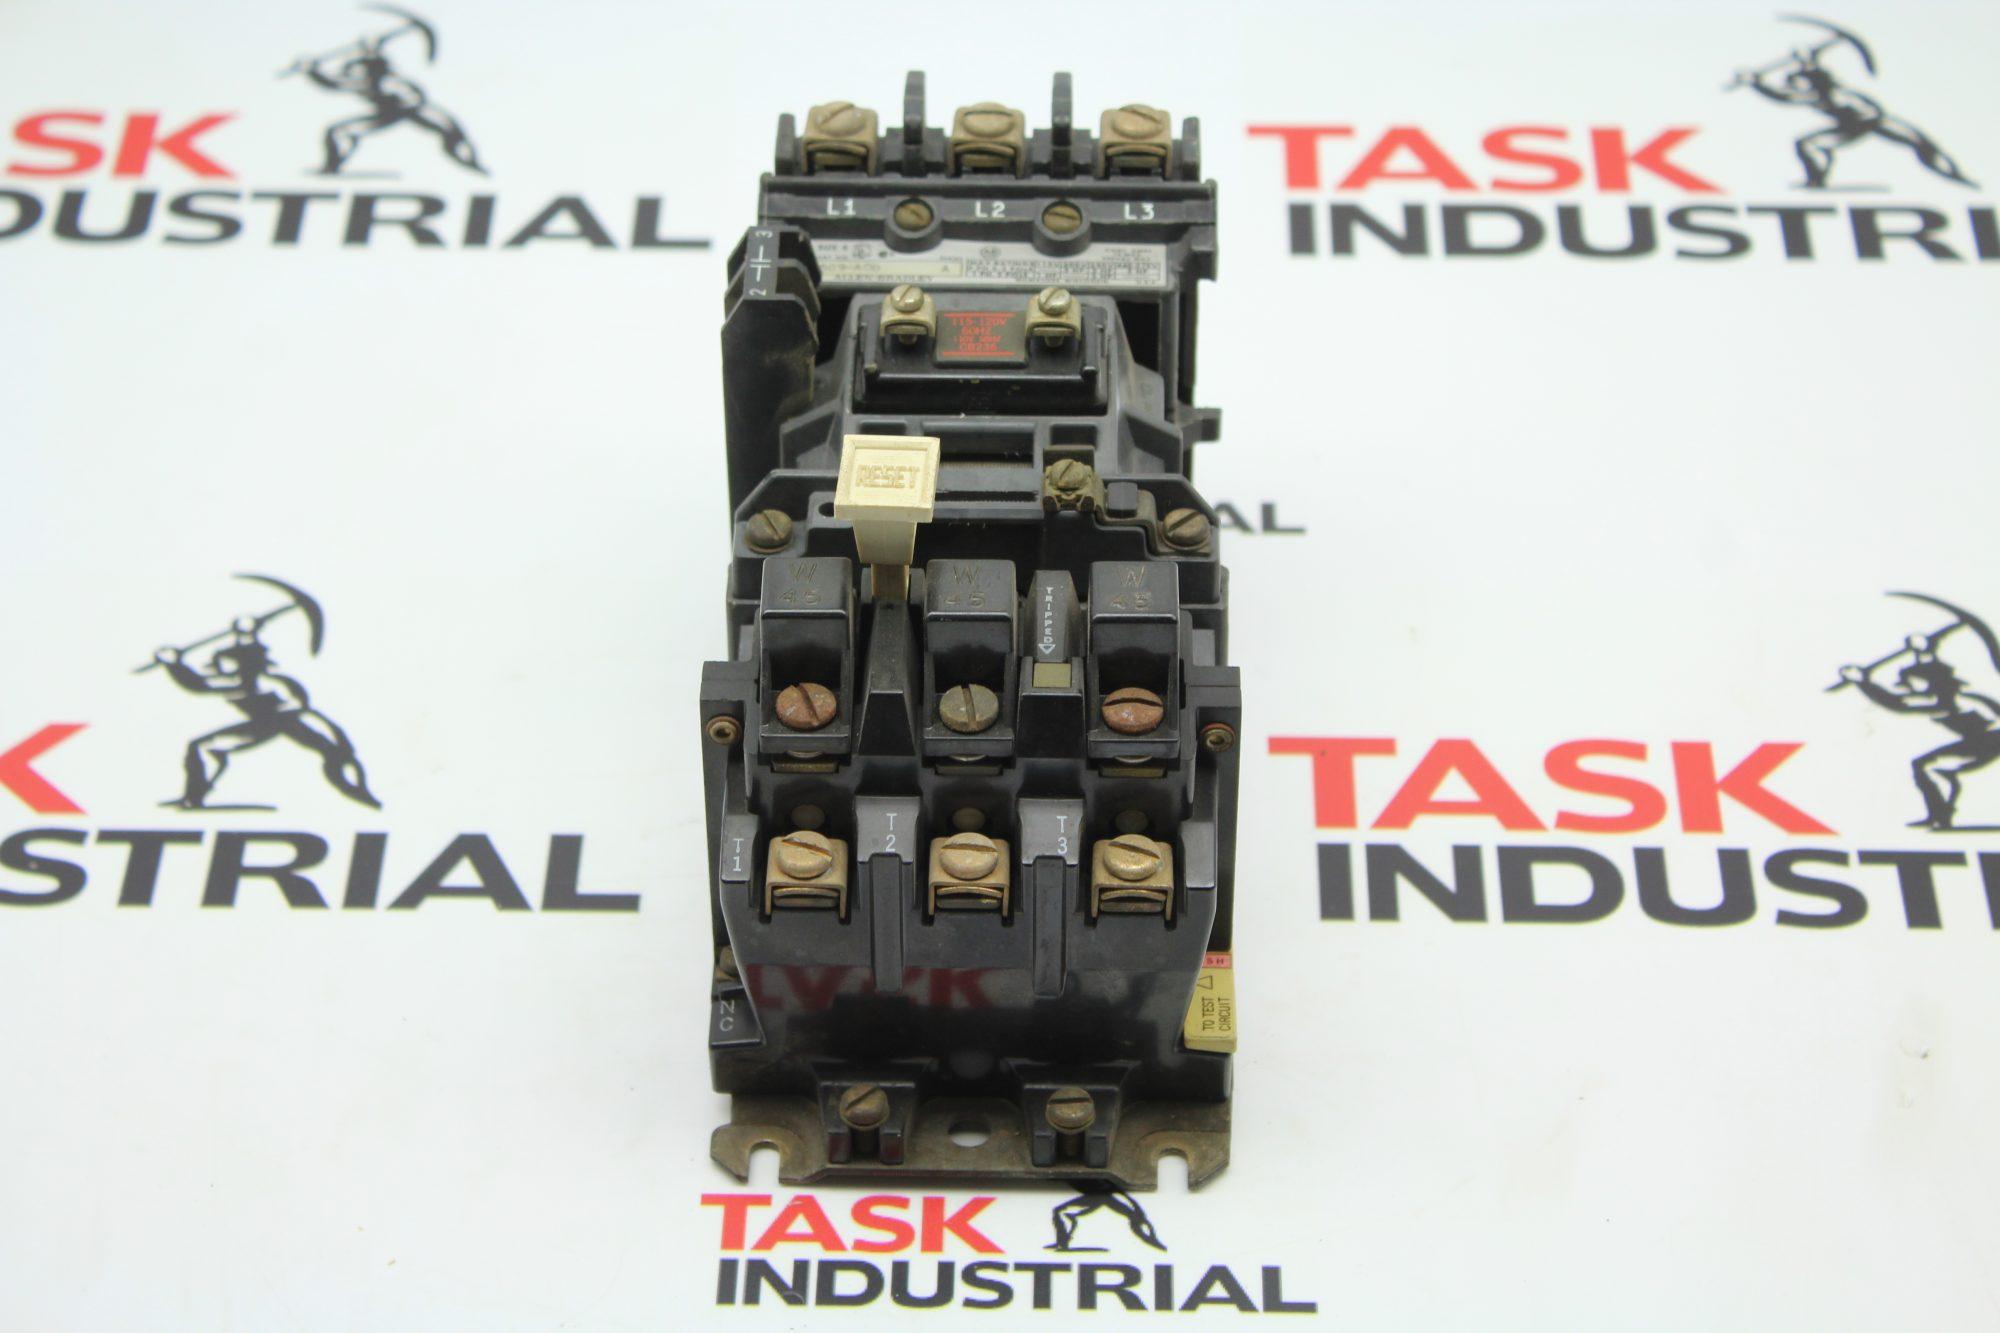 Allen-Bradley 509-AOD 1HP, Size 0 Starter